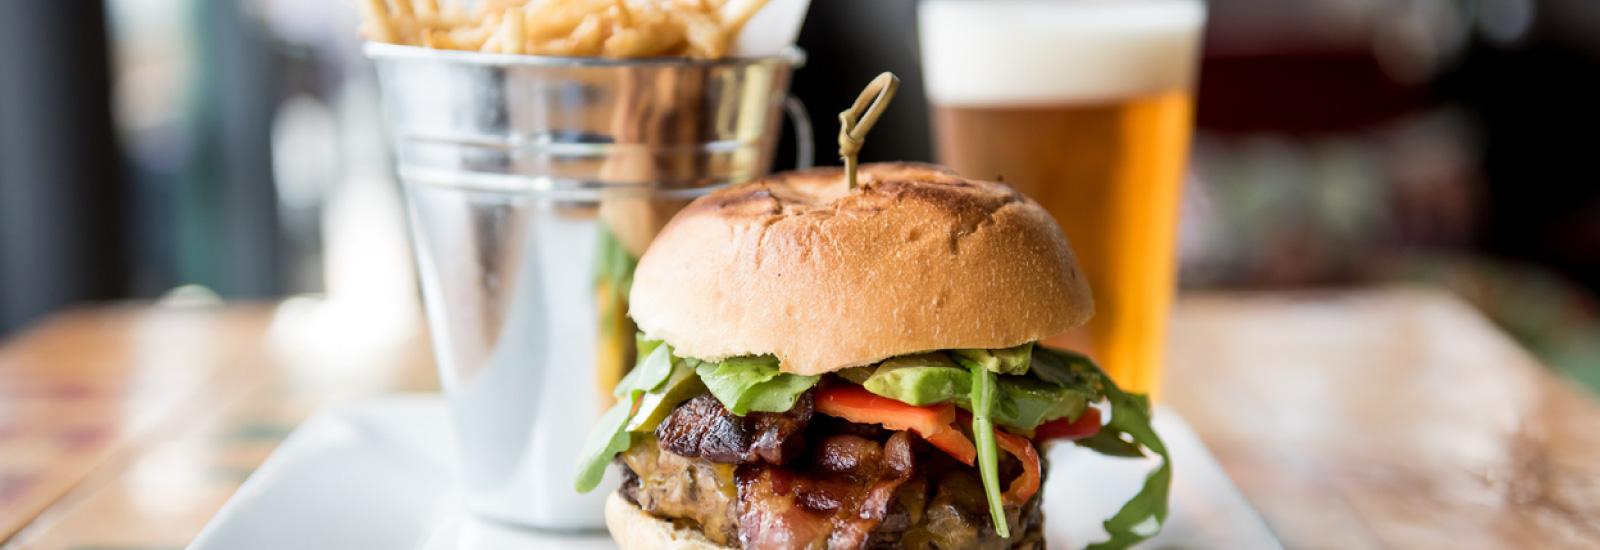 Fast Food on Beale AFB